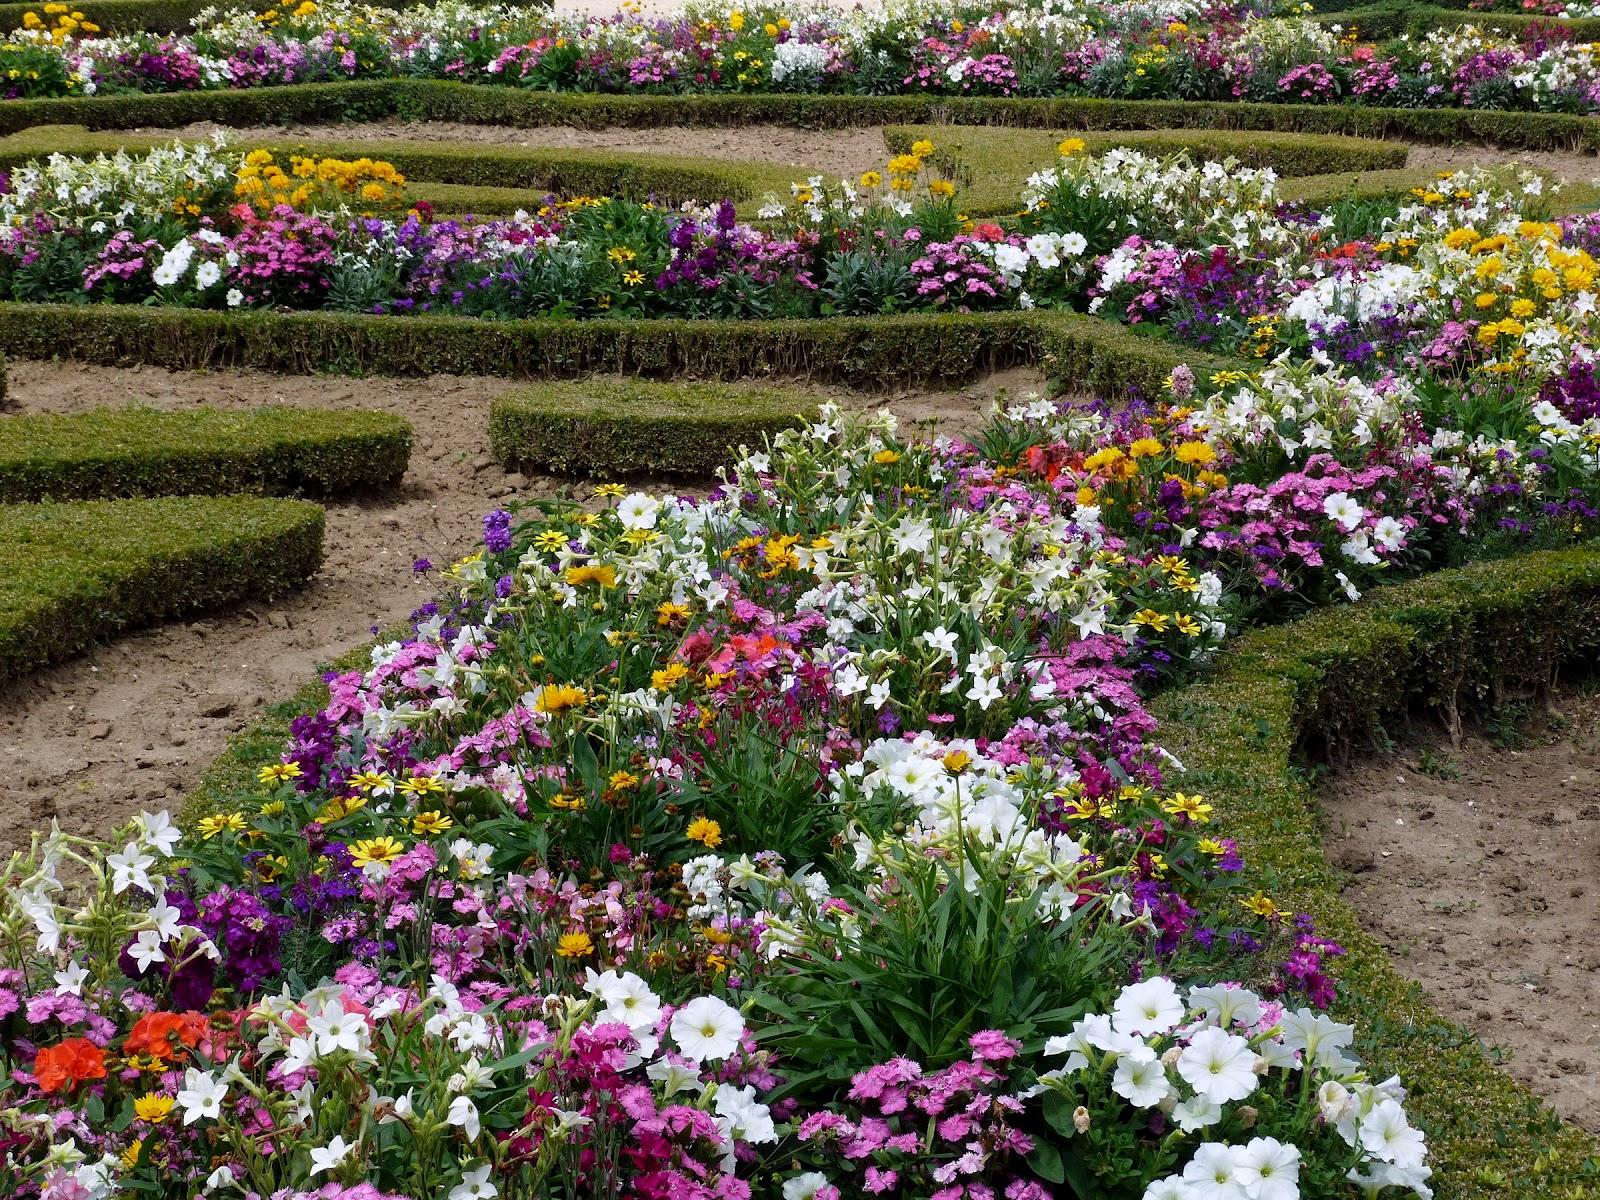 26 Gambar Pemandangan Kebun Bunga Istimewa